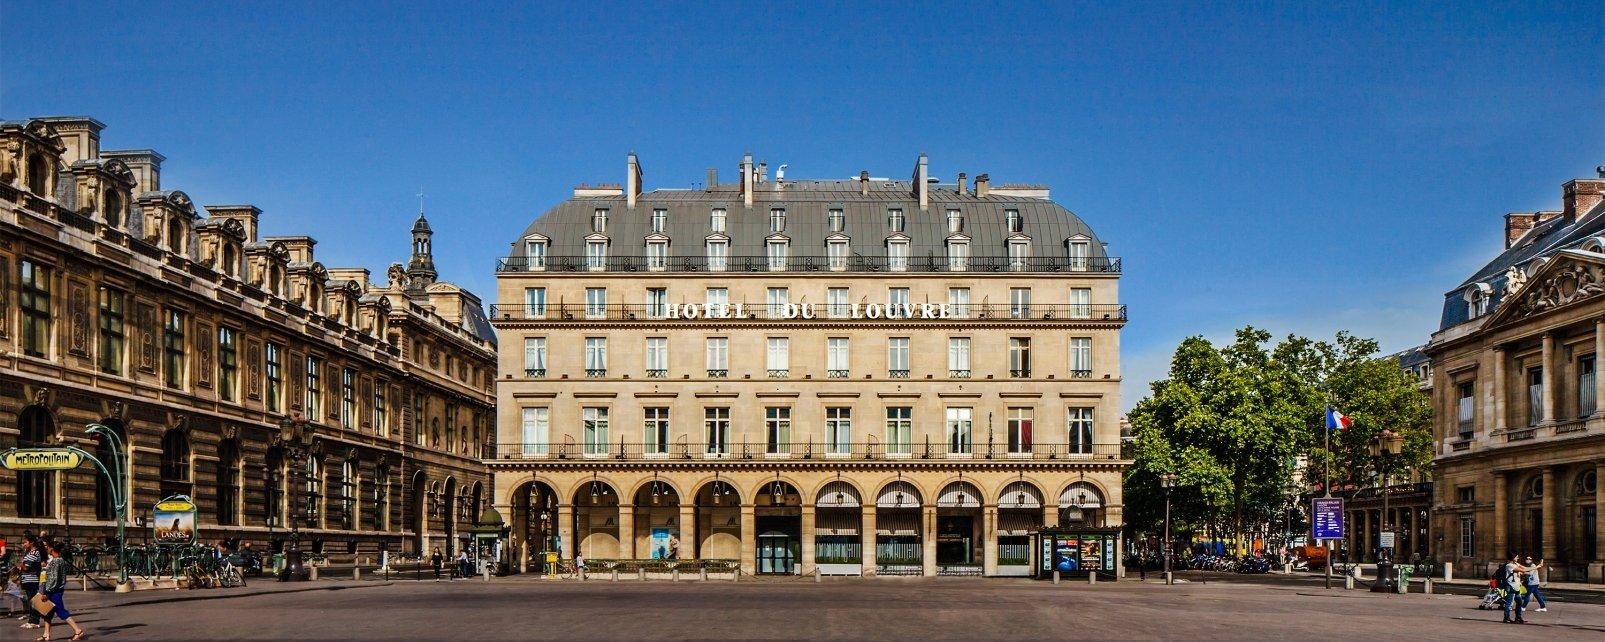 Hotel Du Louvre Hotel Paris